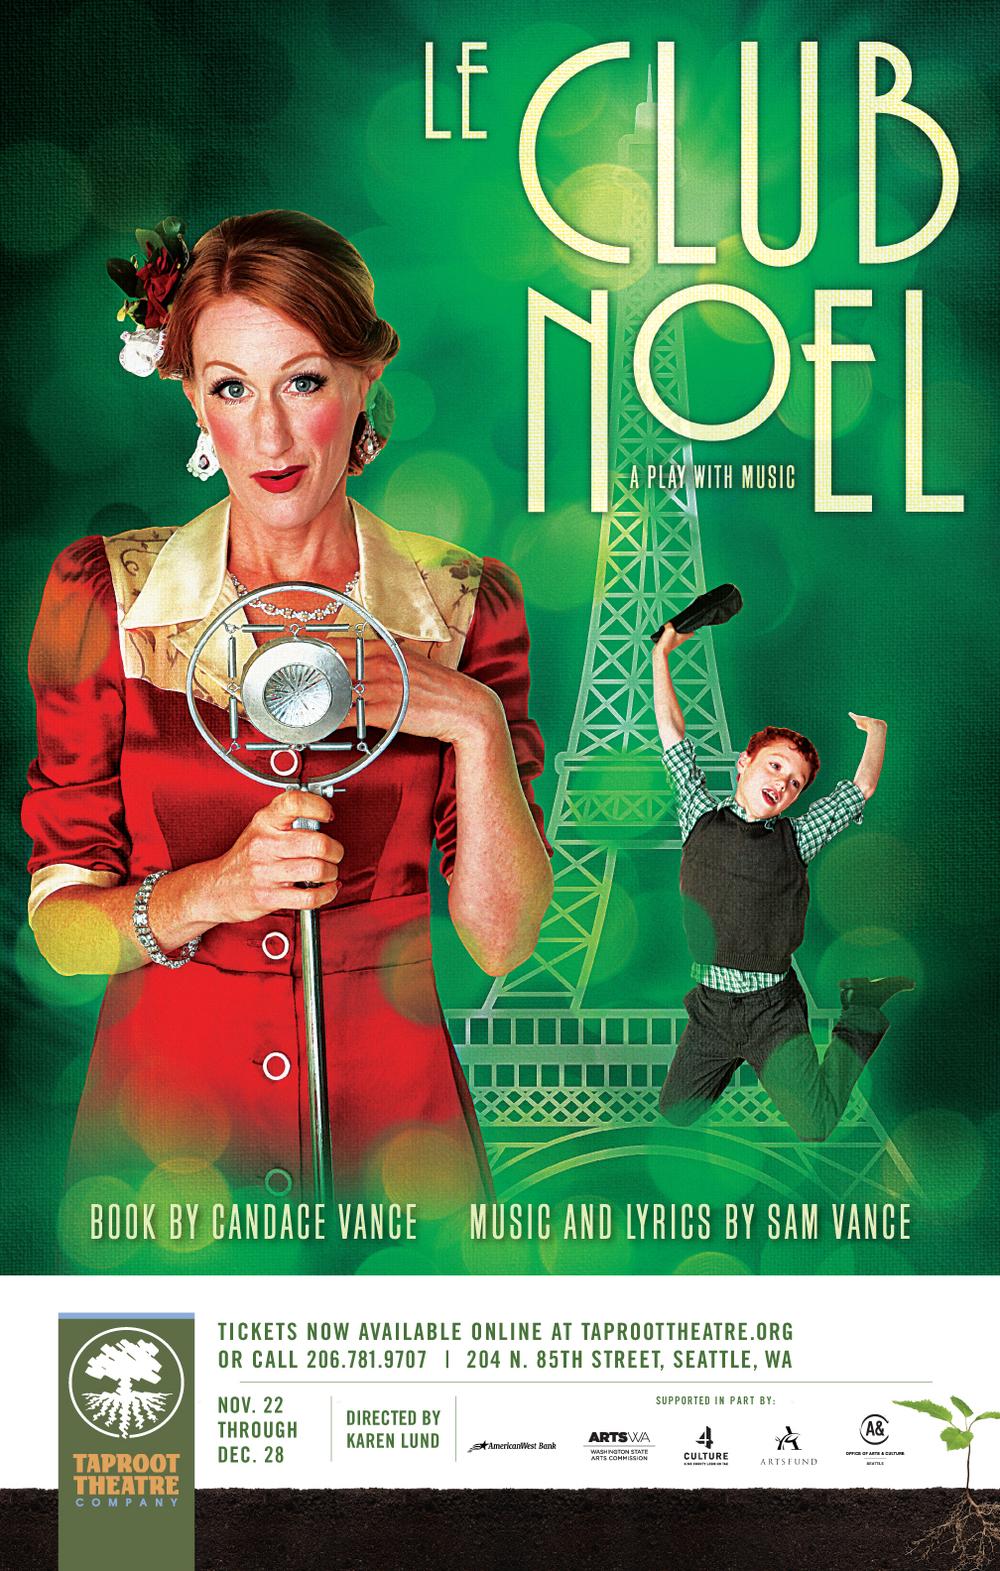 Le Club Noel poster